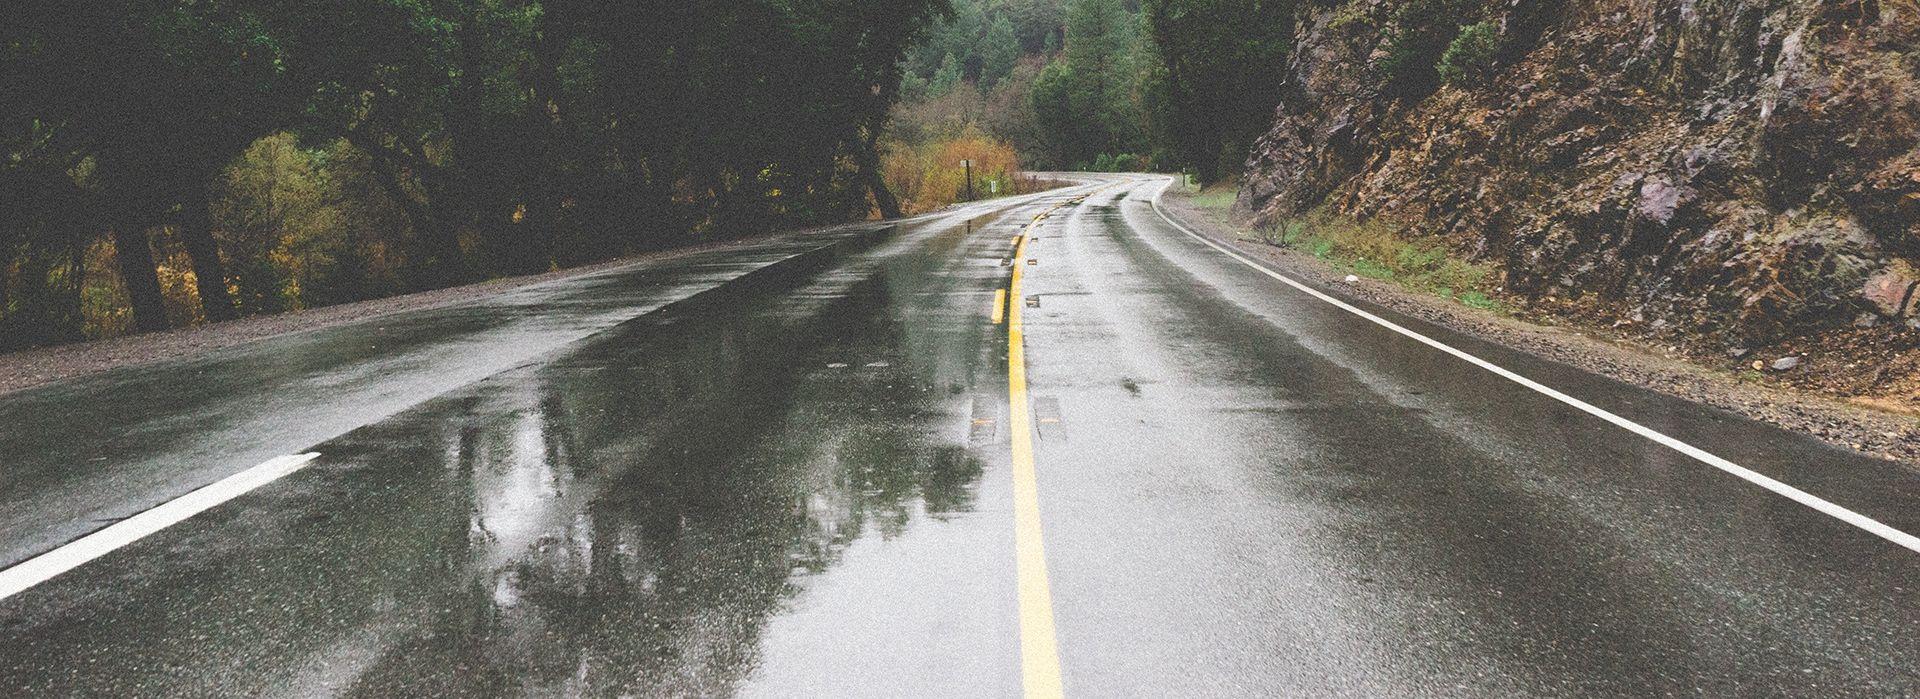 Kolnici vlažni i skliski, opreznije na A1 zbog jakih udara vjetra